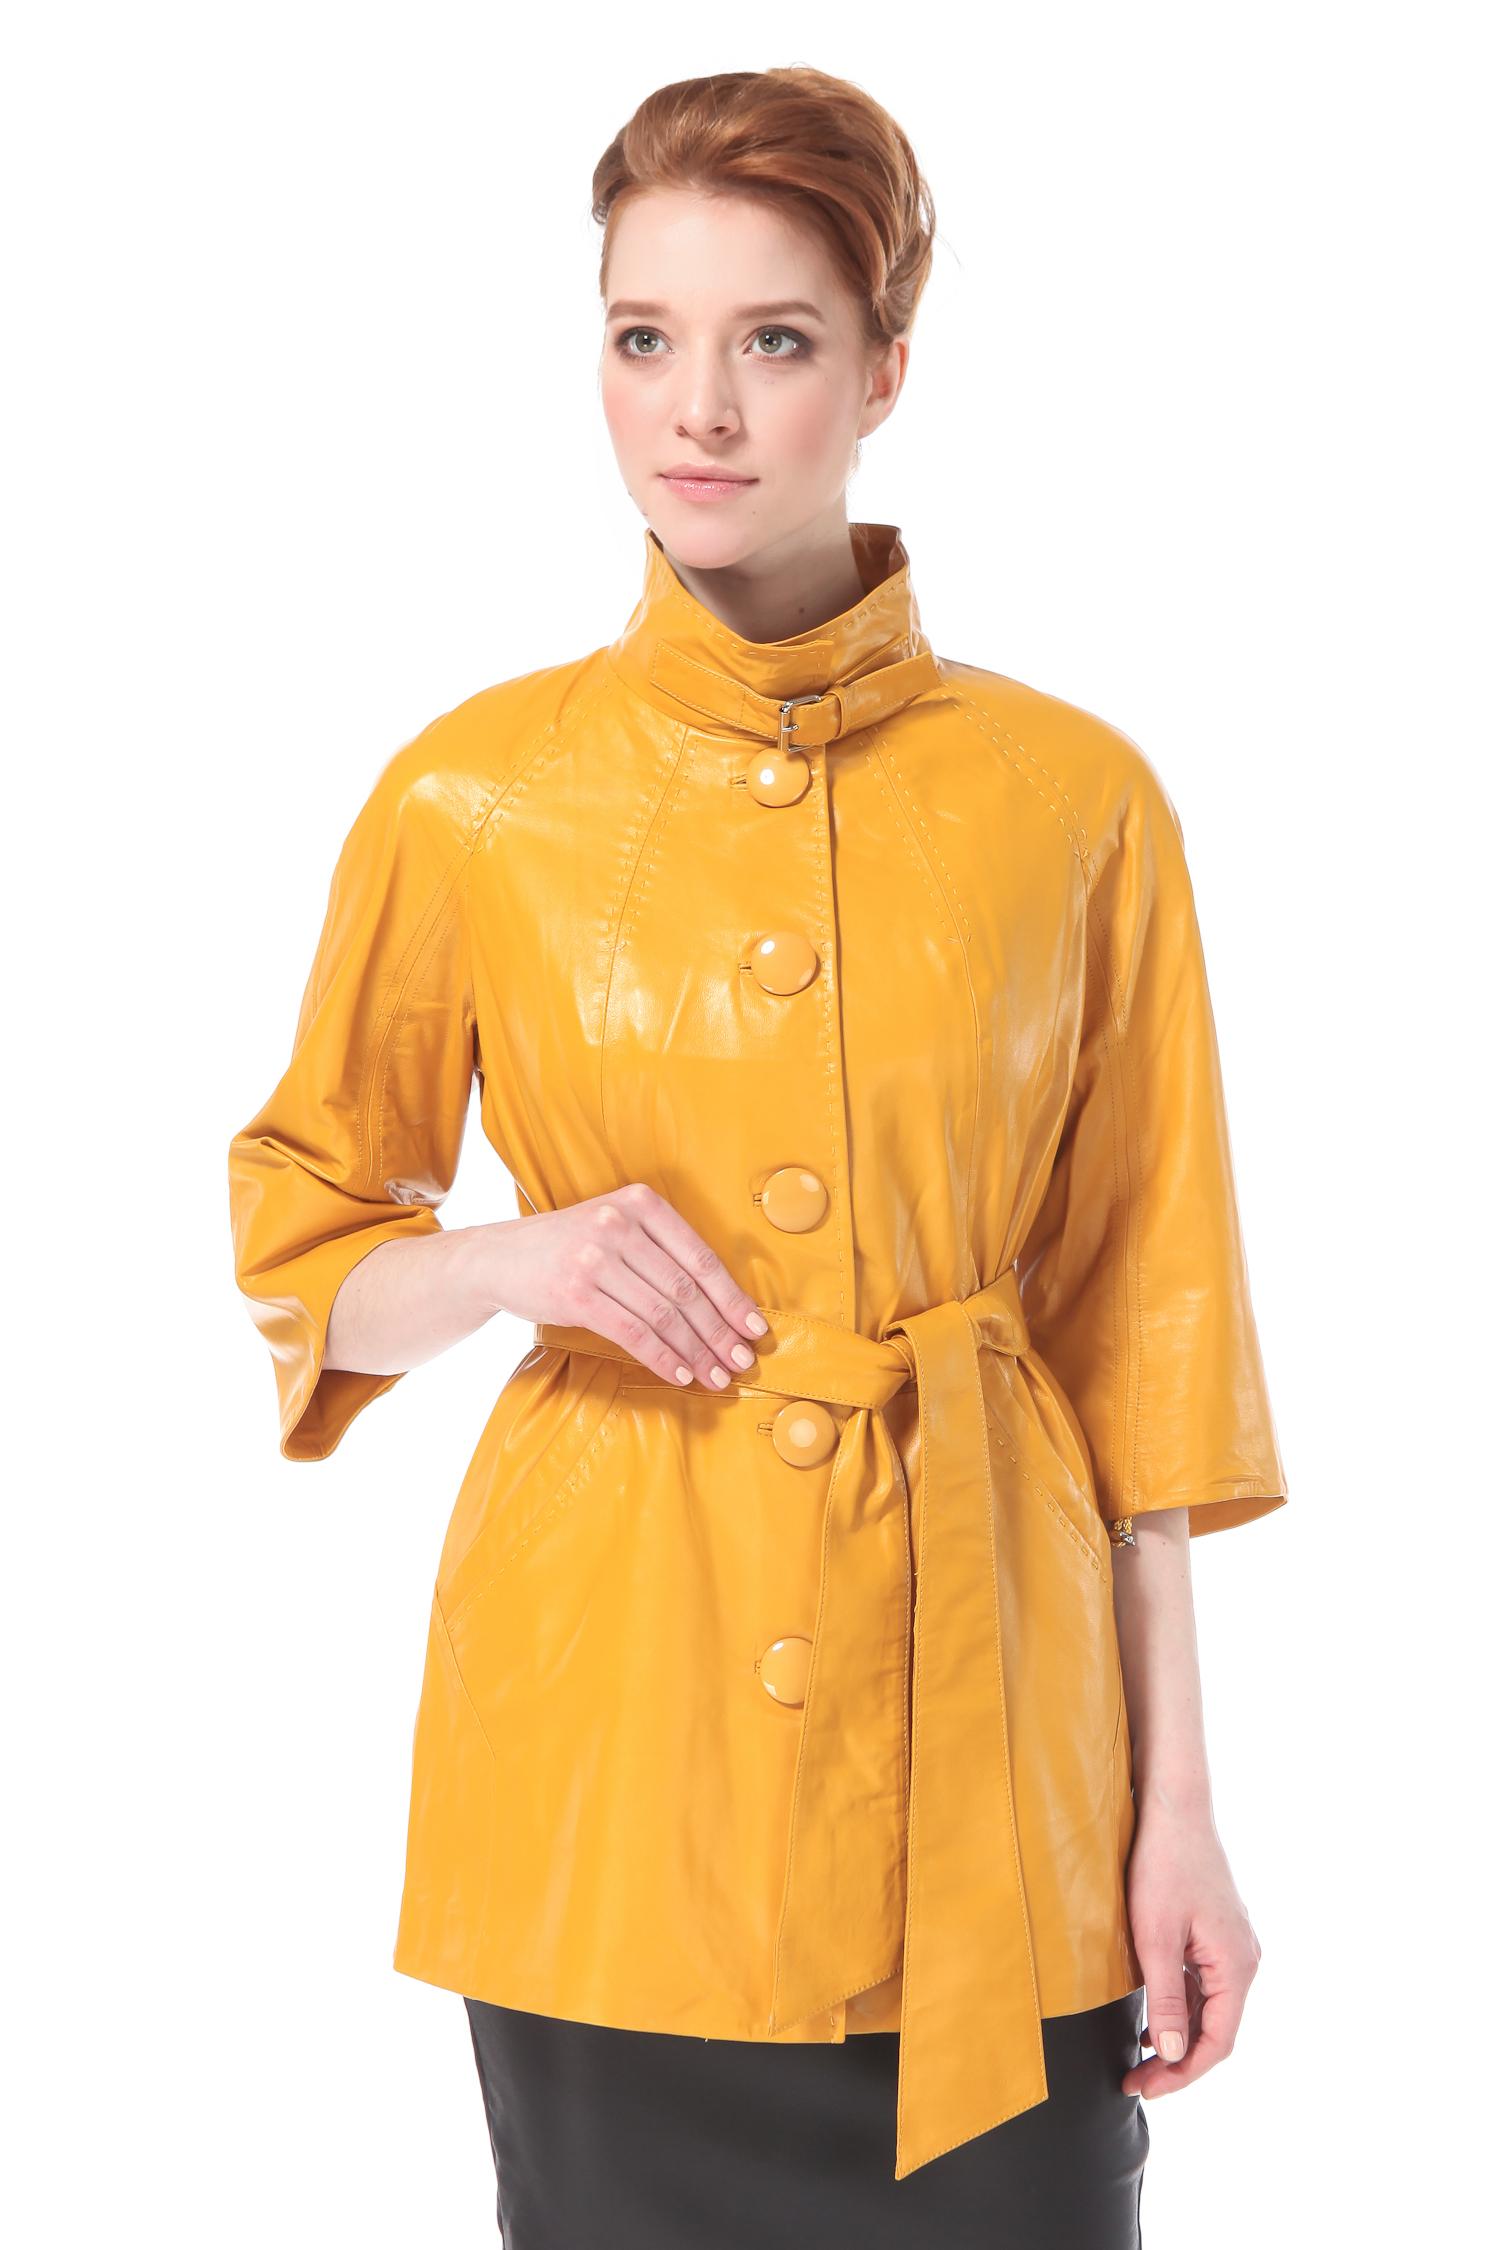 Женская кожаная куртка из натуральной кожи с воротником, без отделки<br><br>Воротник: стойка<br>Длина см: Короткая (51-74 )<br>Материал: Кожа овчина<br>Цвет: желтый<br>Застежка: на пуговицы<br>Пол: Женский<br>Размер RU: 52